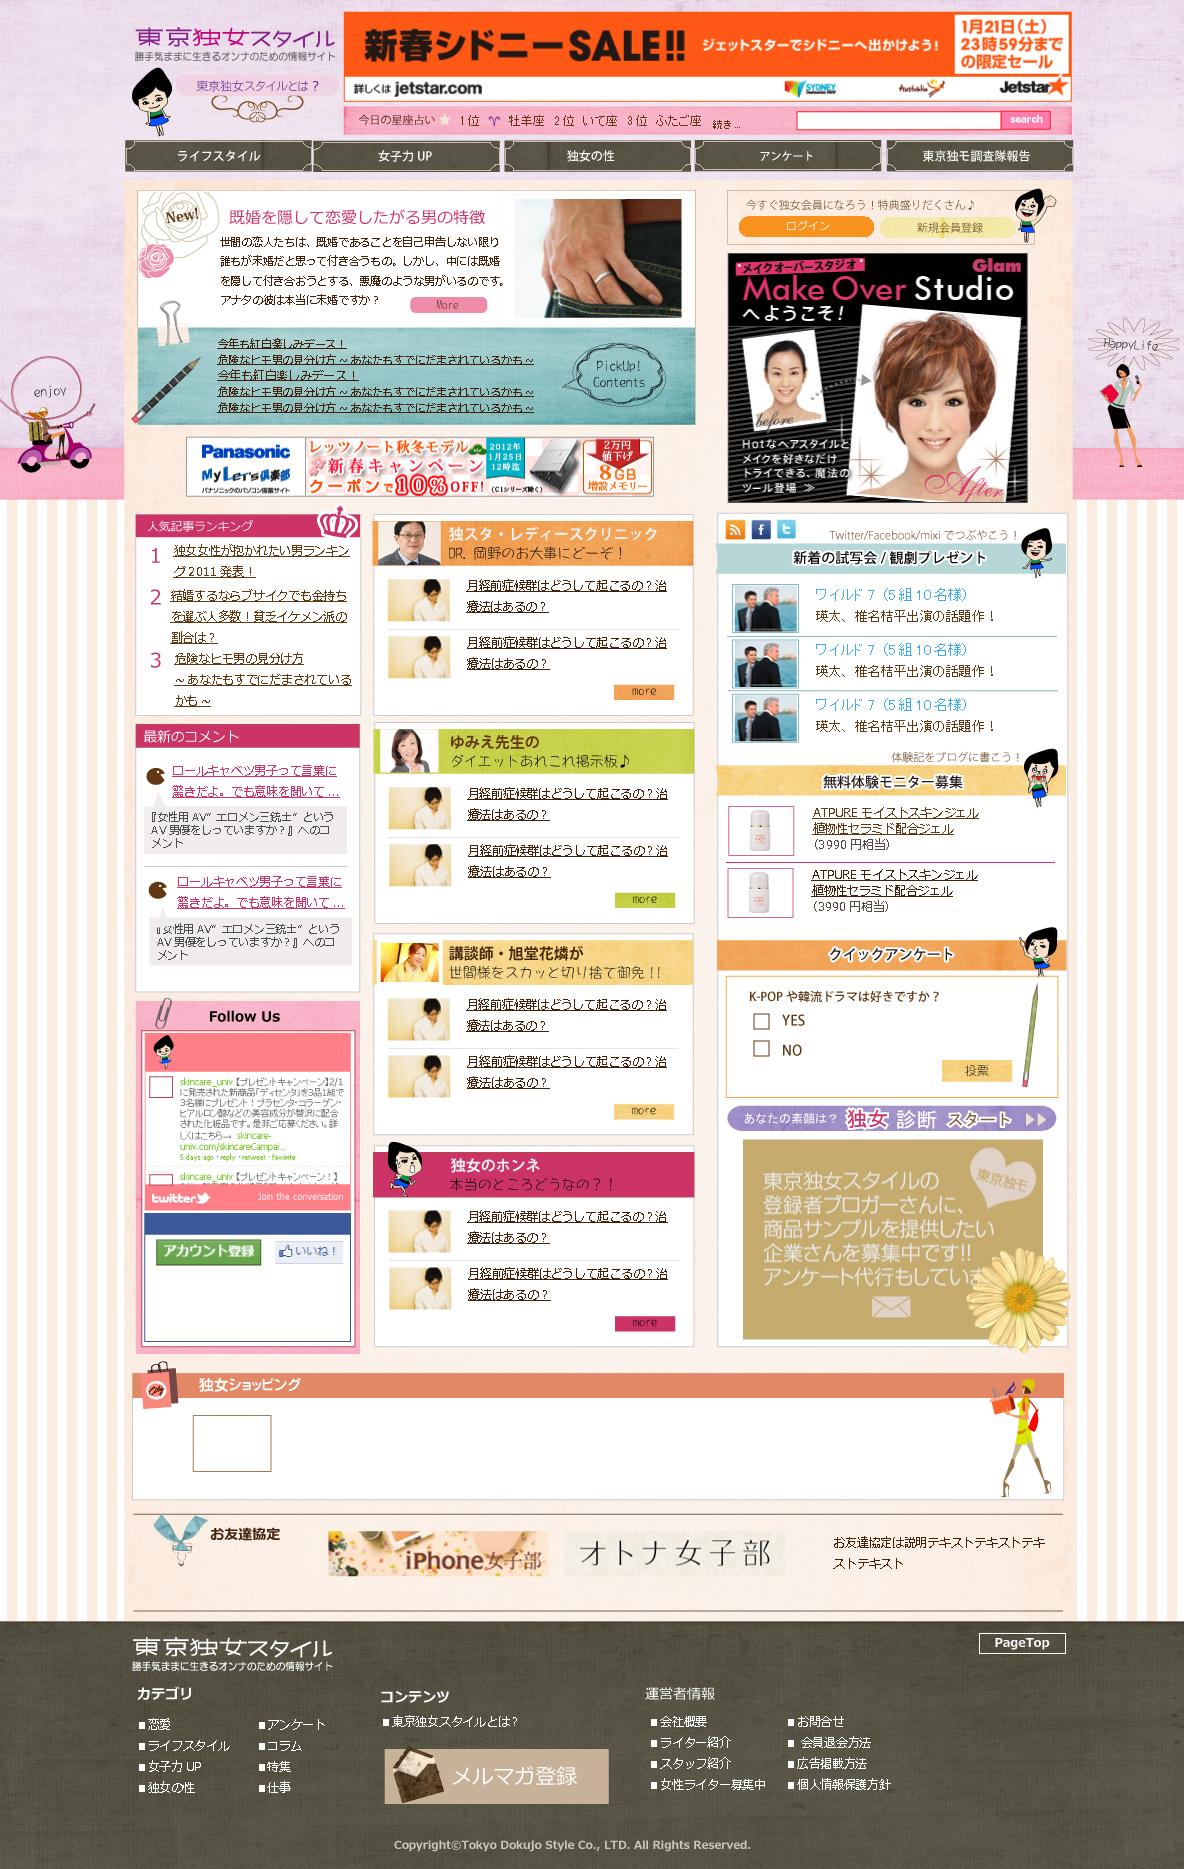 T様/ホームページデザイン